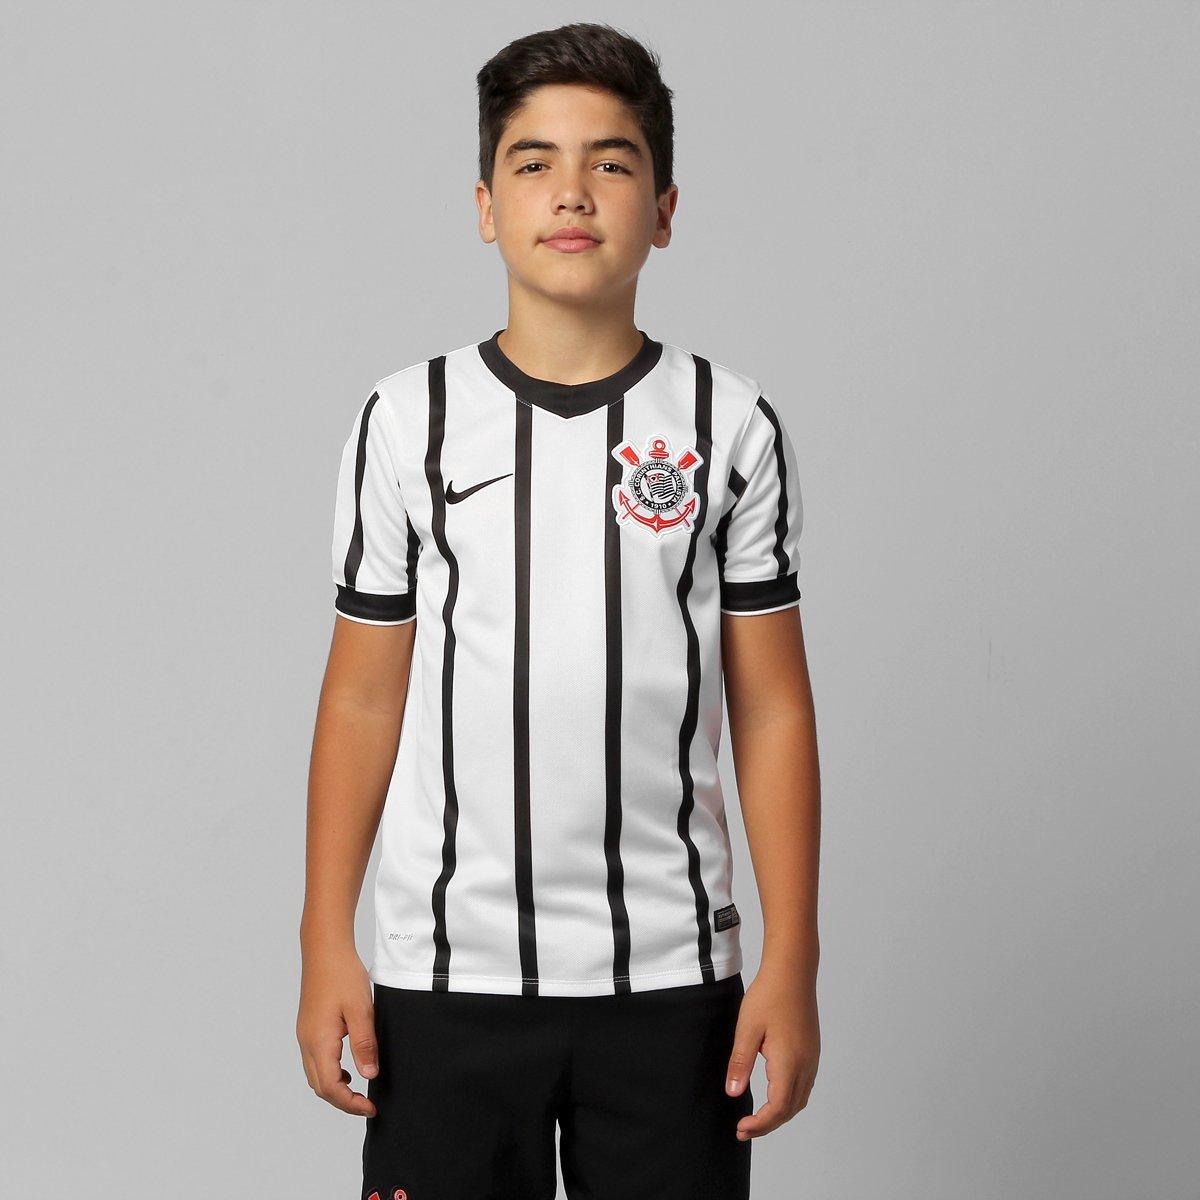 2f3ec015548ef Camisa Nike Corinthians I 14 15 s nº Juvenil - Compre Agora